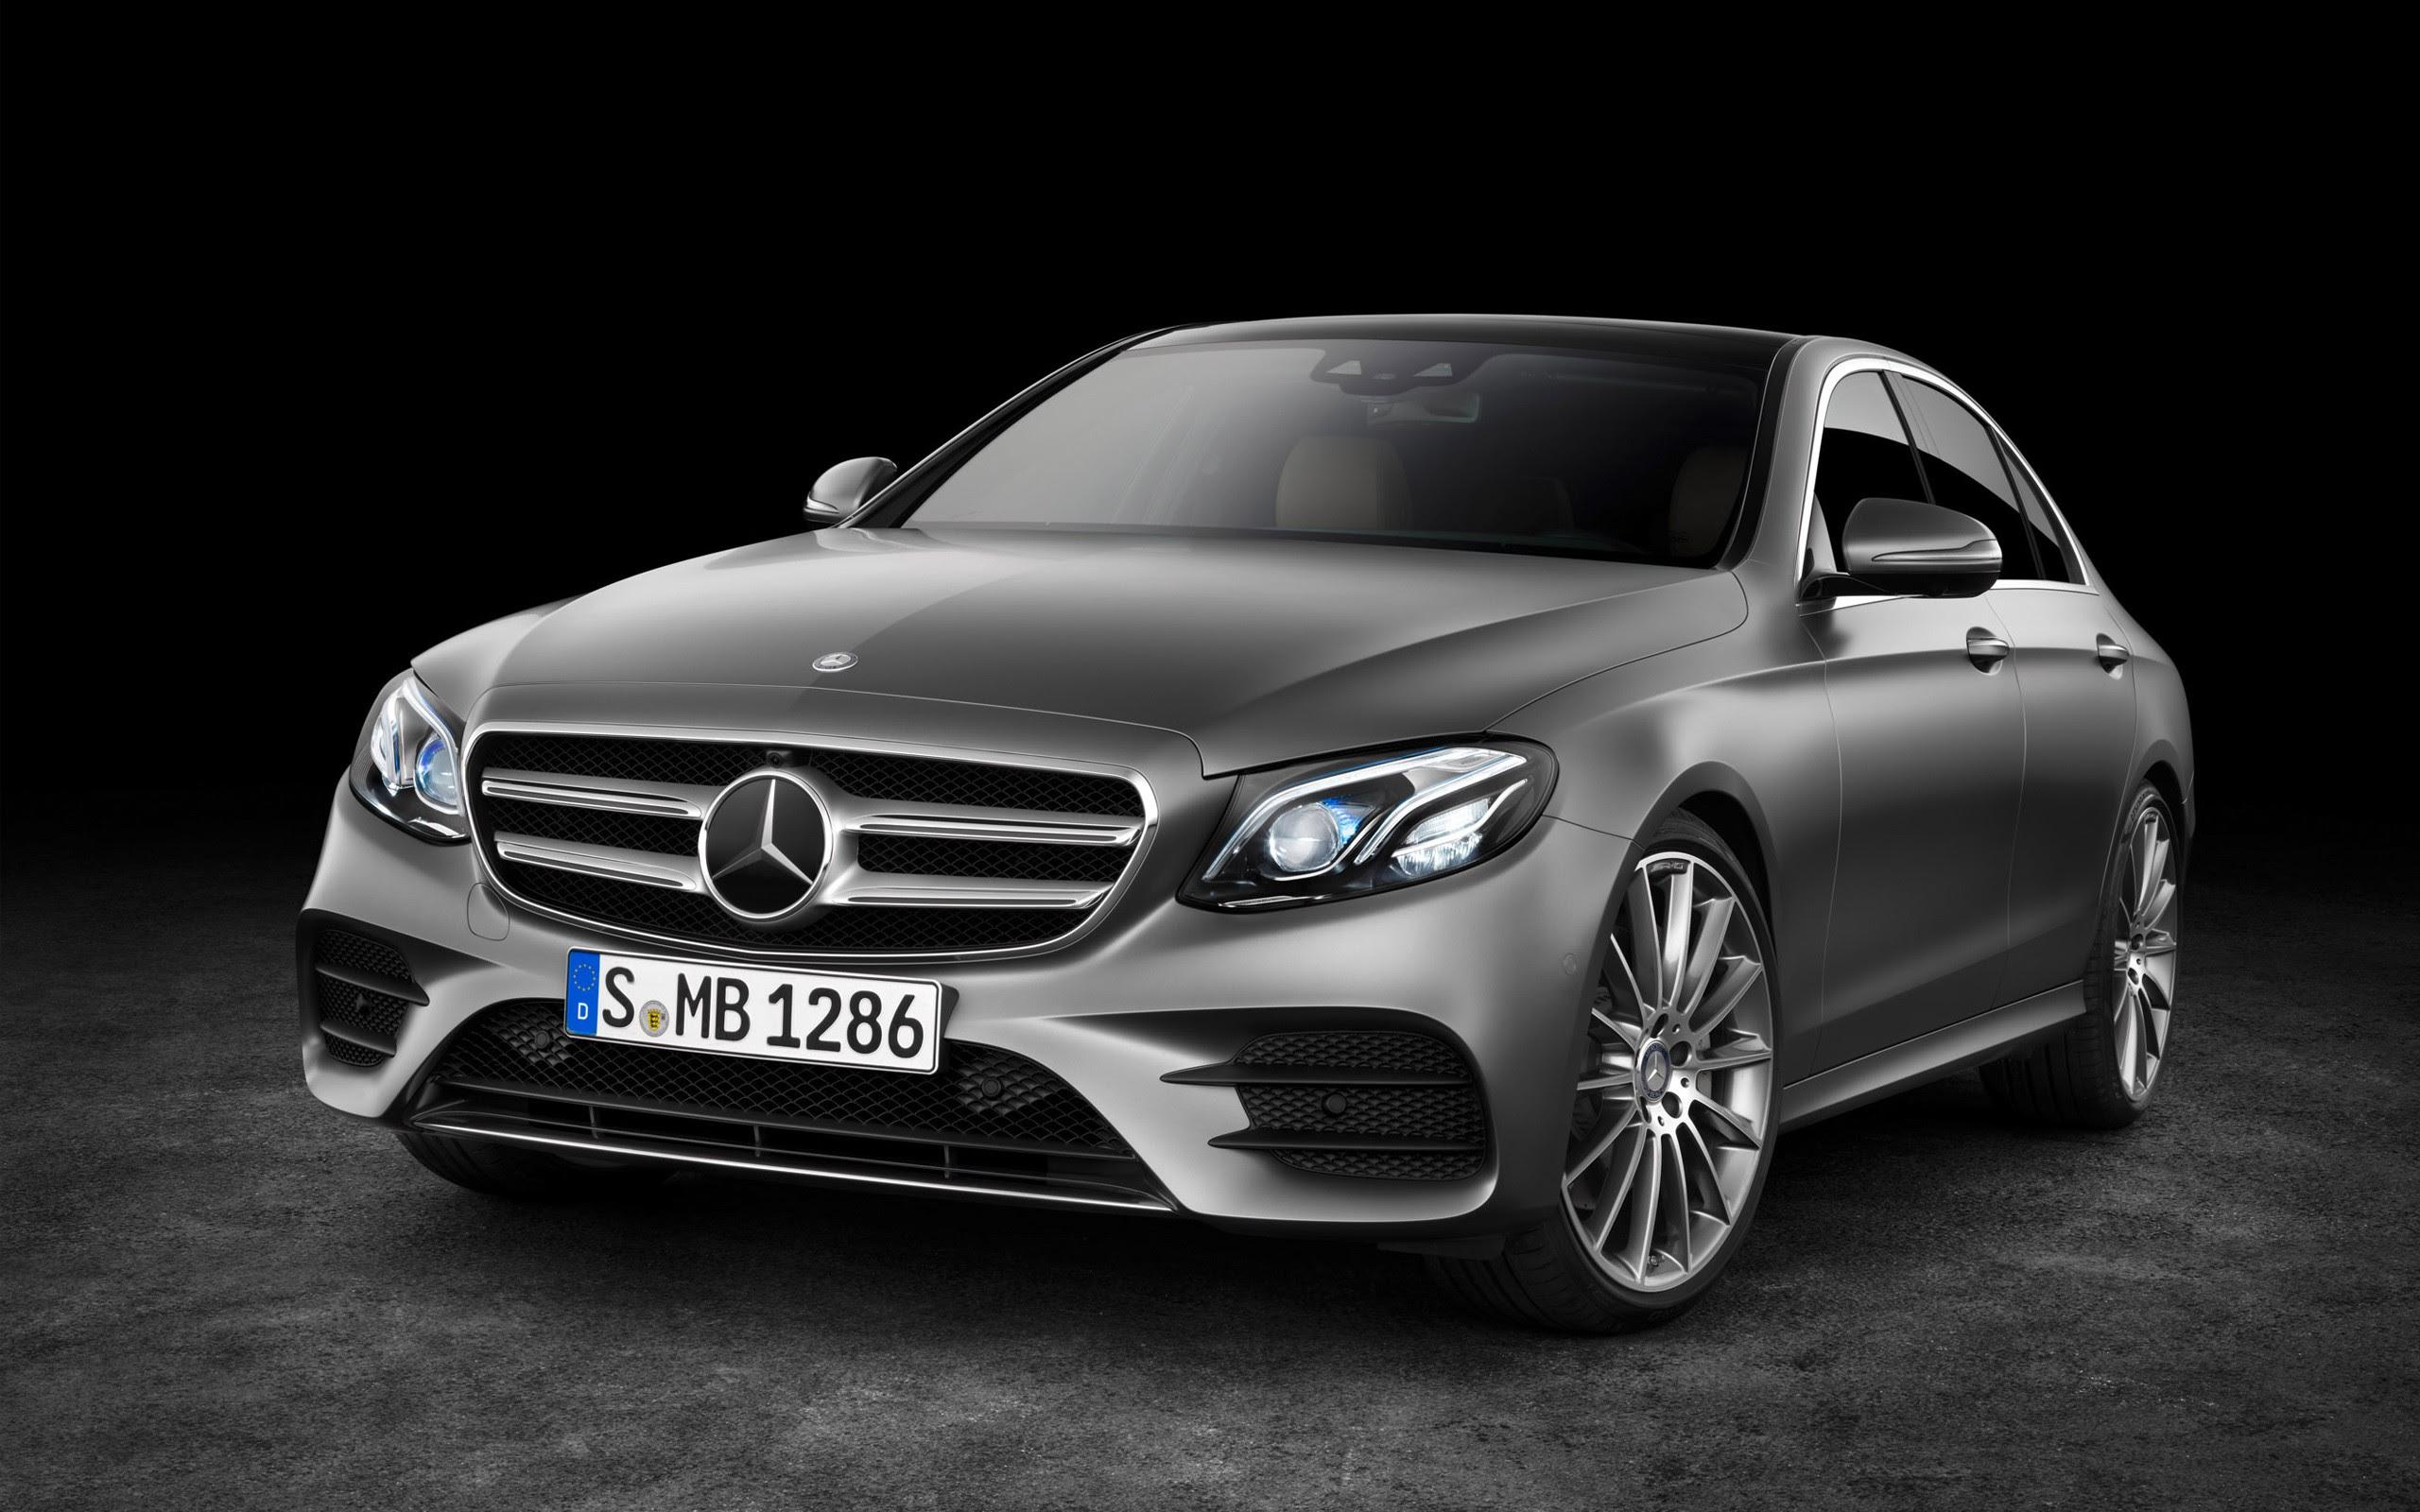 2017 Mercedes Benz E Class Wallpaper | HD Car Wallpapers ...